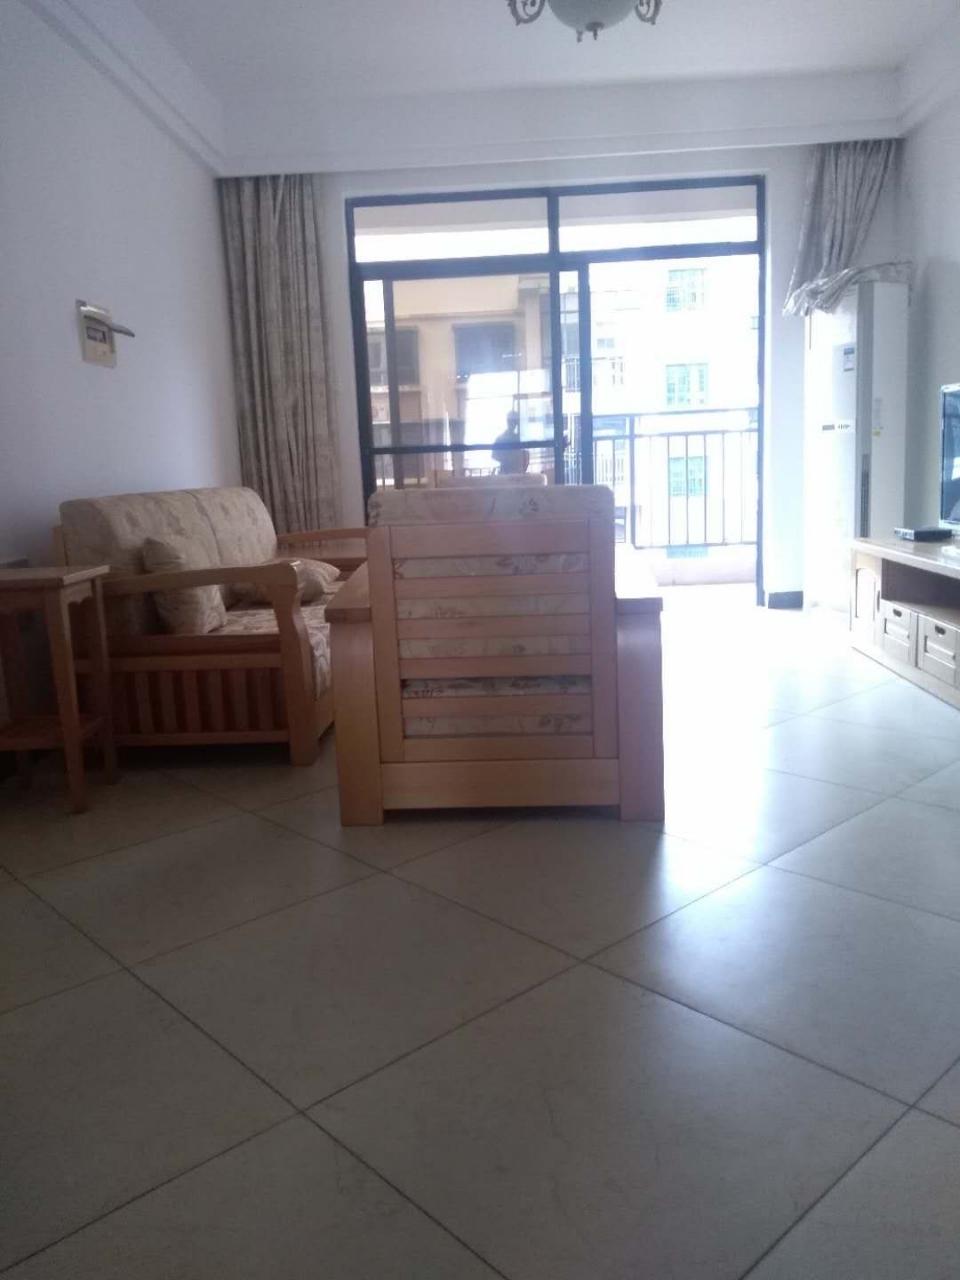 京博雅居2室2厅1卫123万元